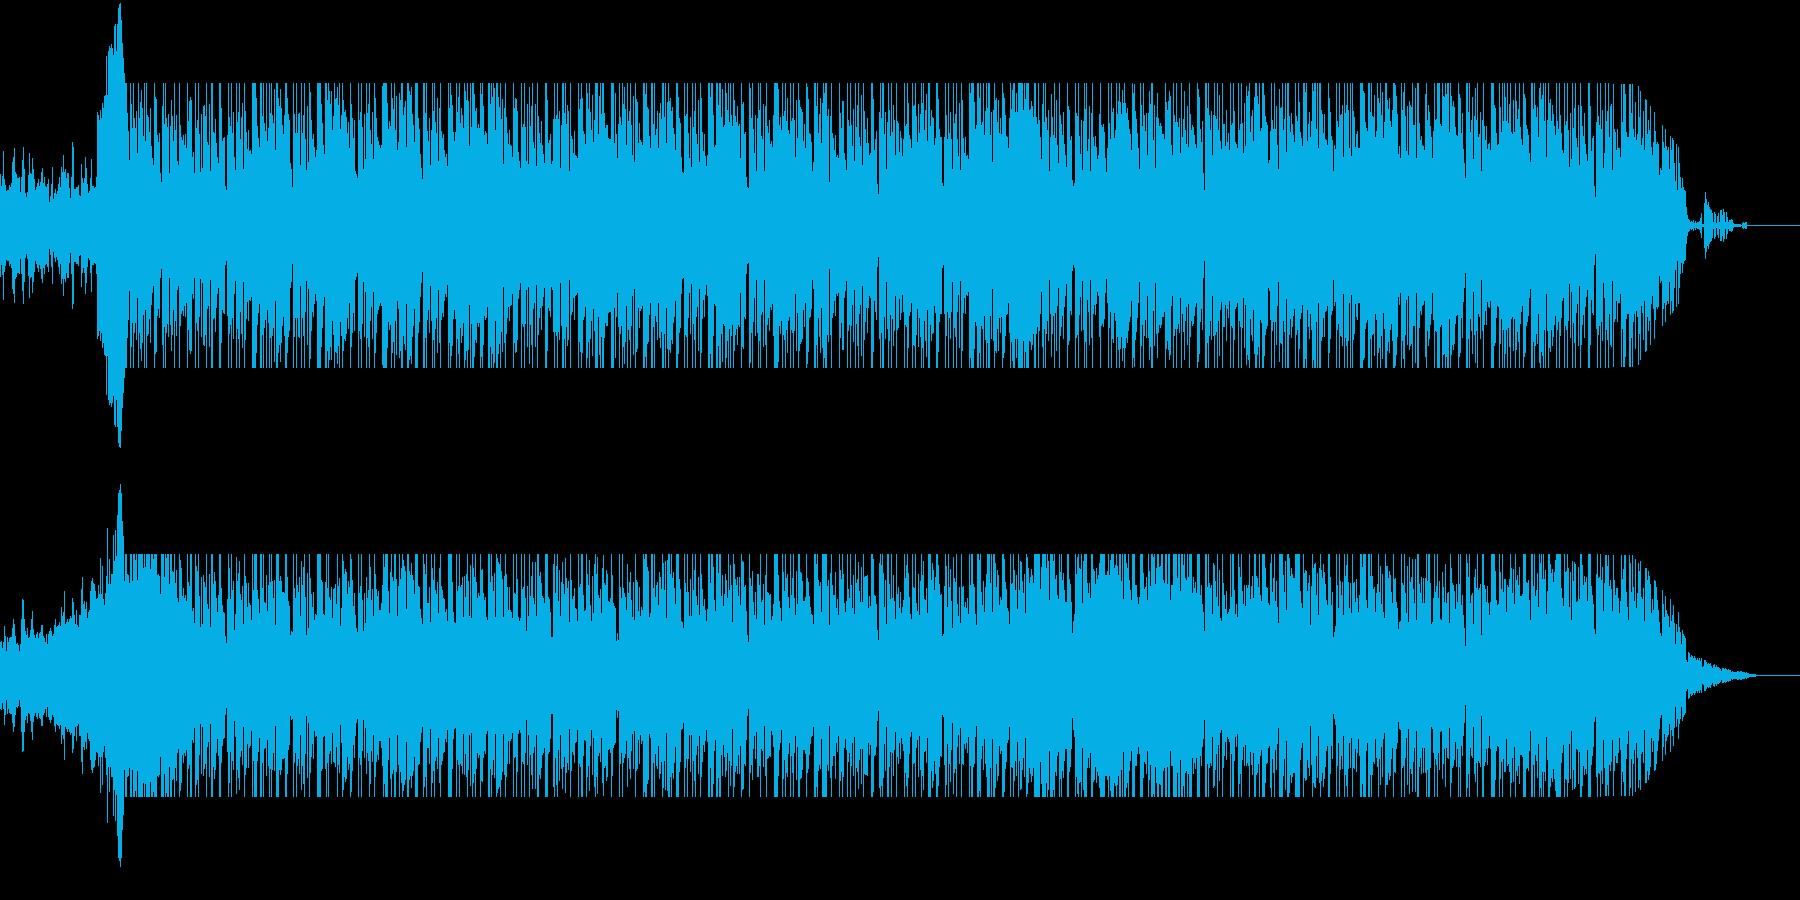 近未来を思わせる不思議な楽曲の再生済みの波形